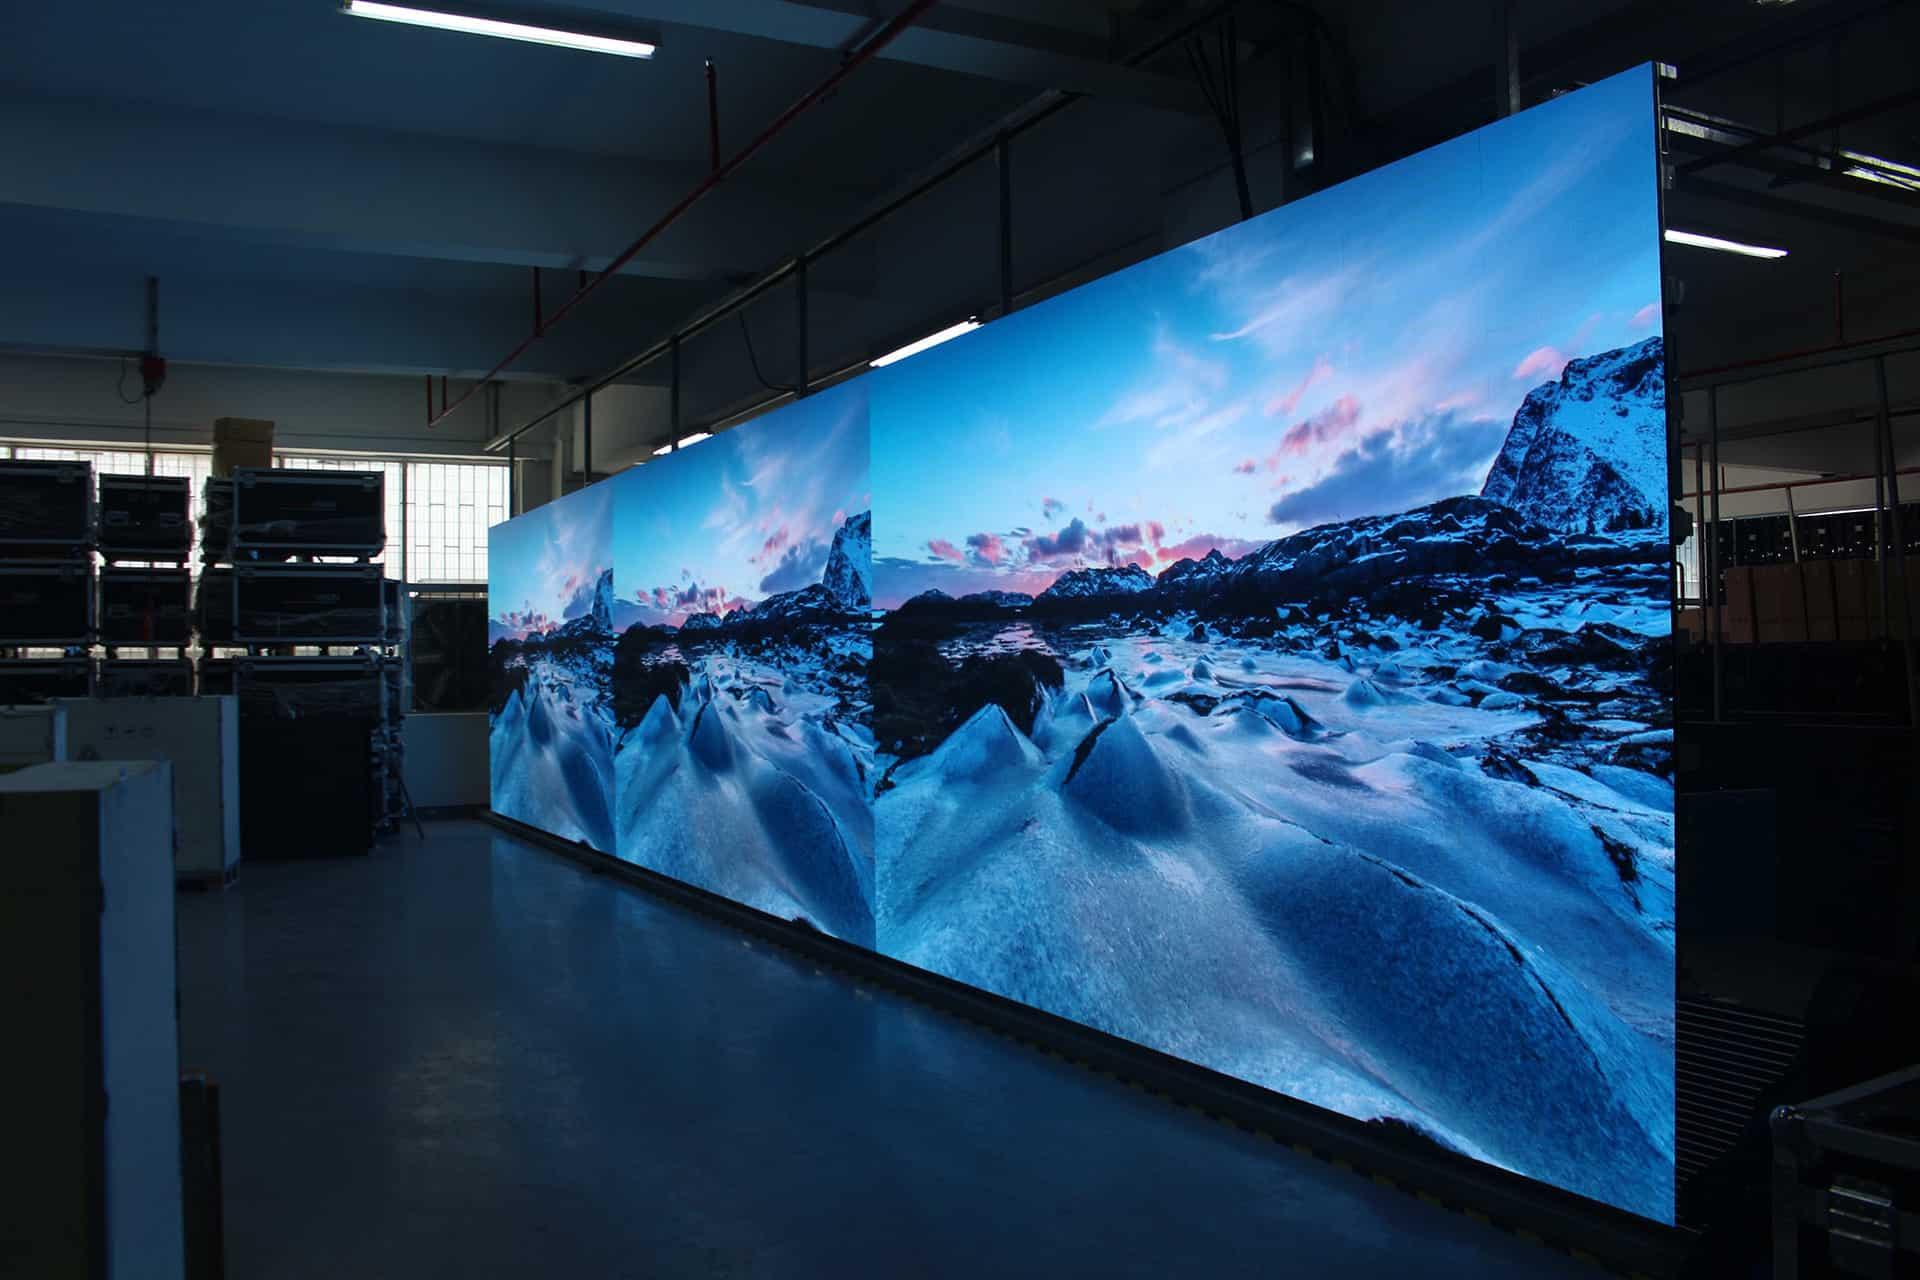 影院大屏:LED和投影最后的较量开始了吗?